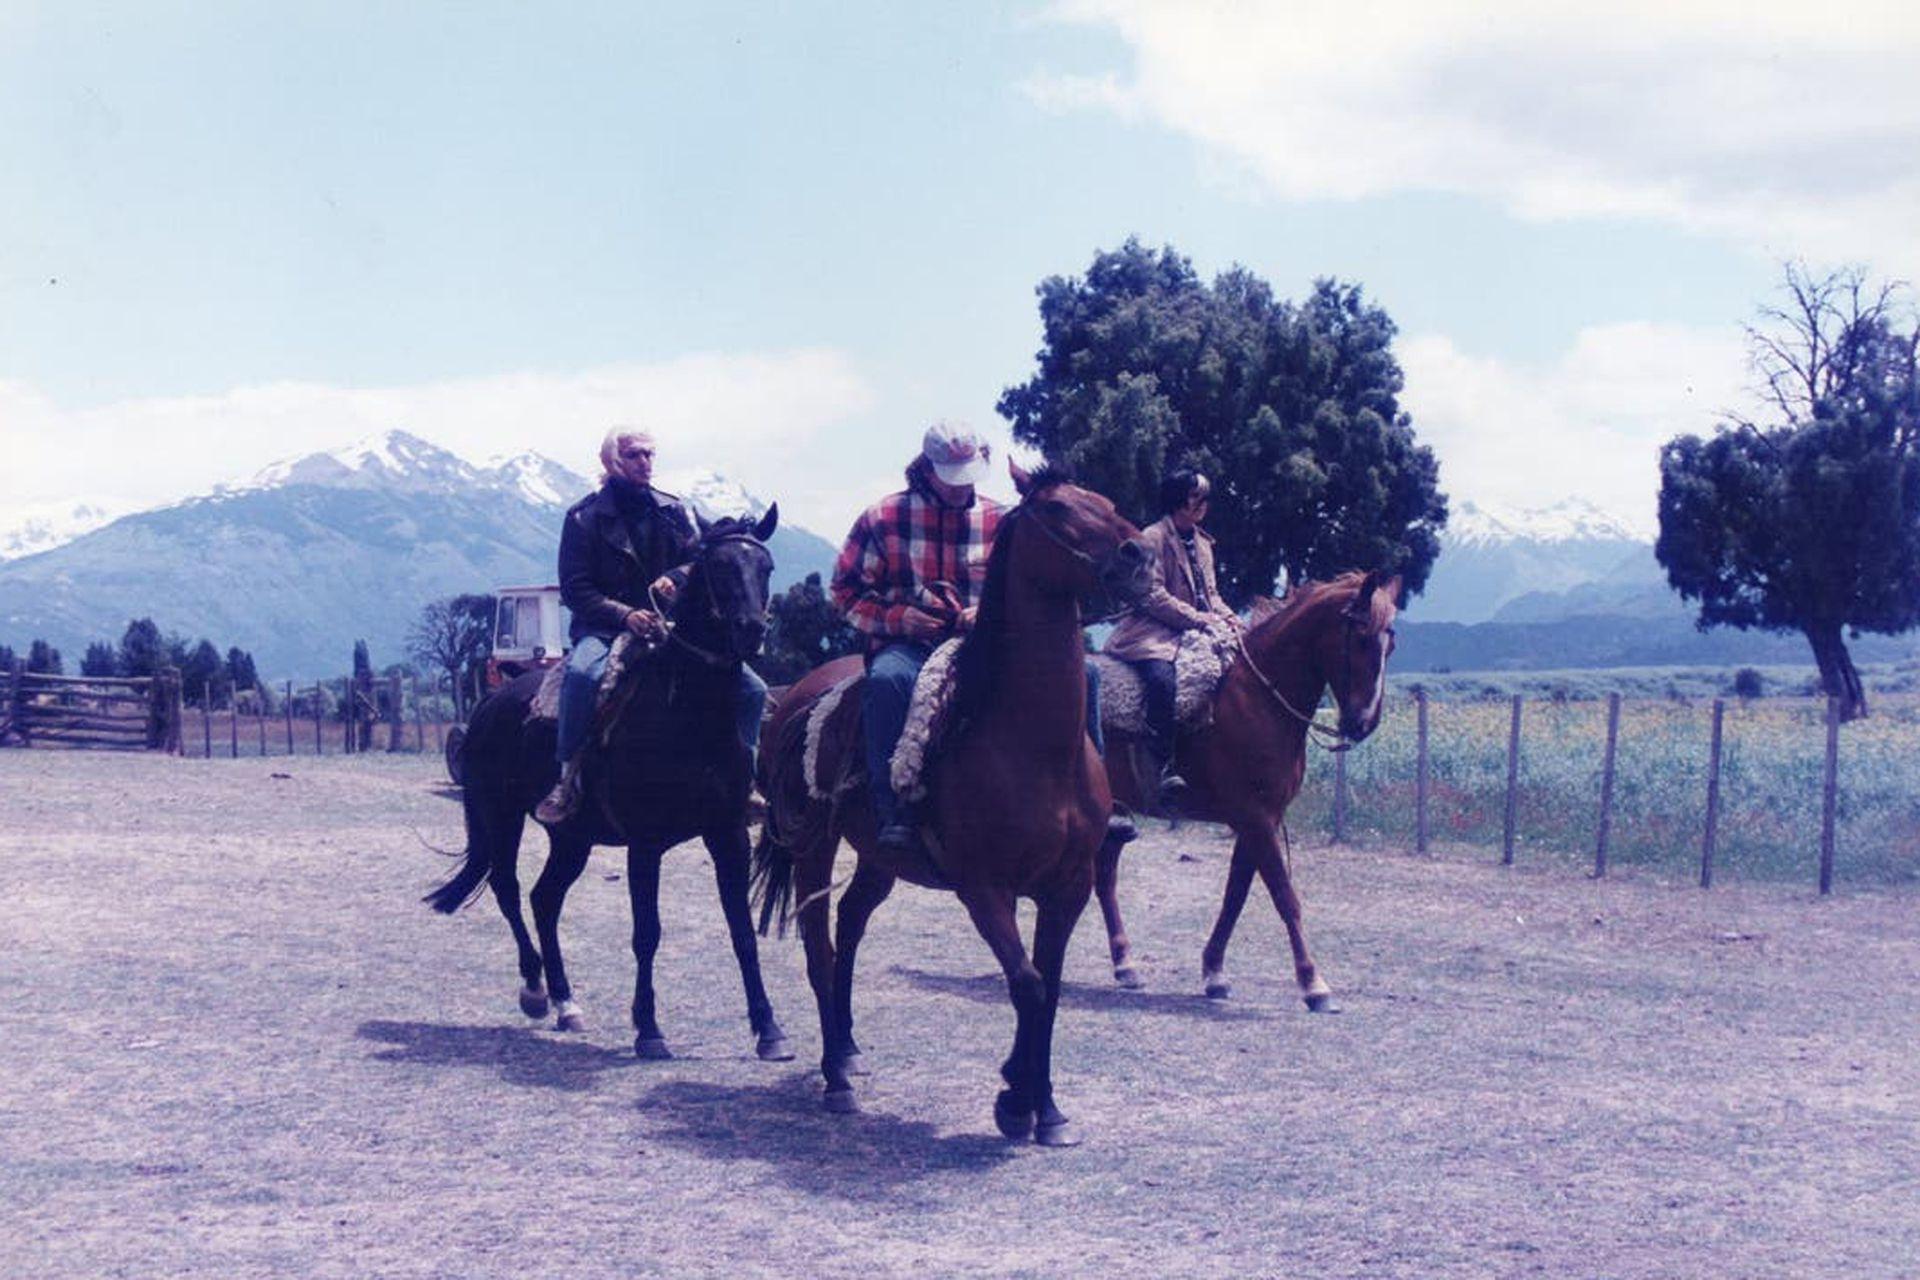 Los caballos de Caballos salvajes